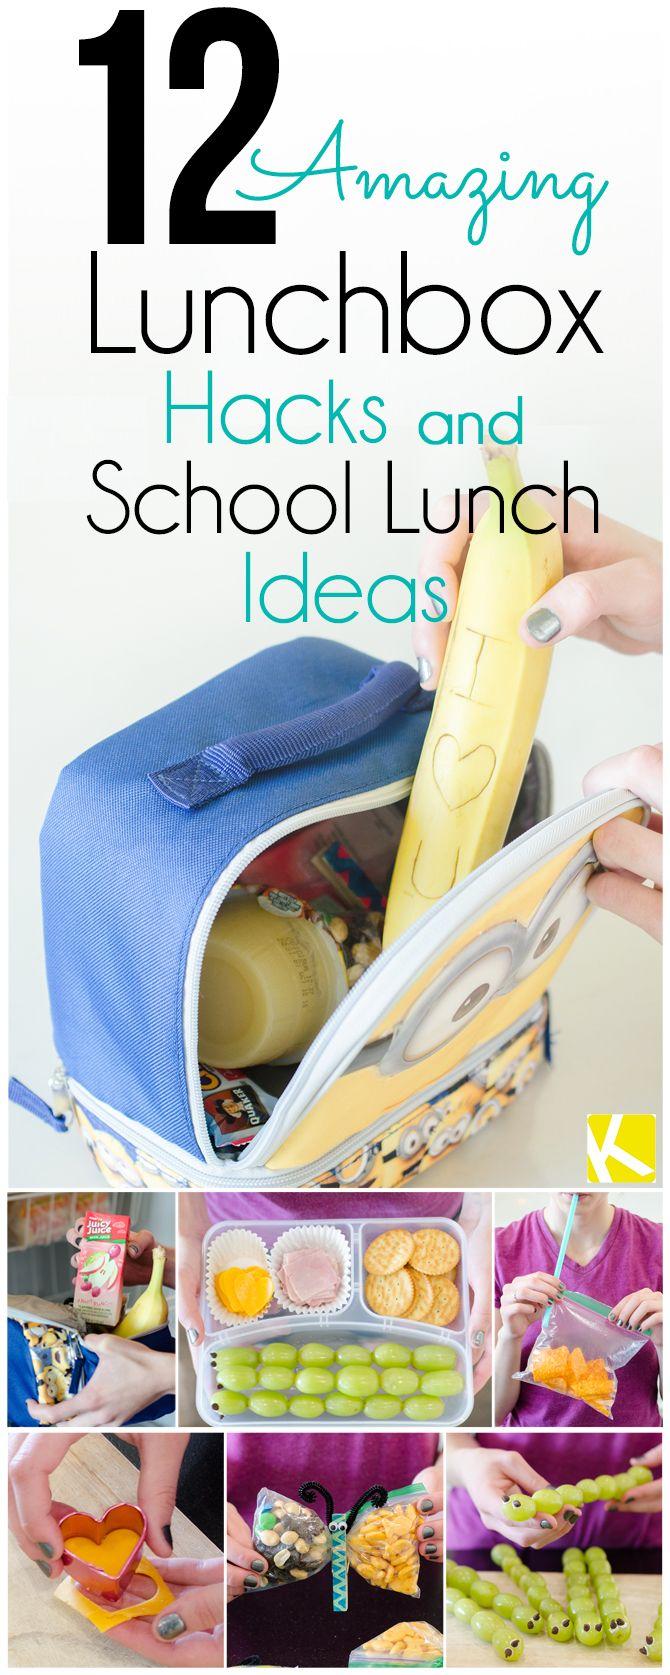 12 Amazing Lunchbox Hacks & School Lunch Ideas